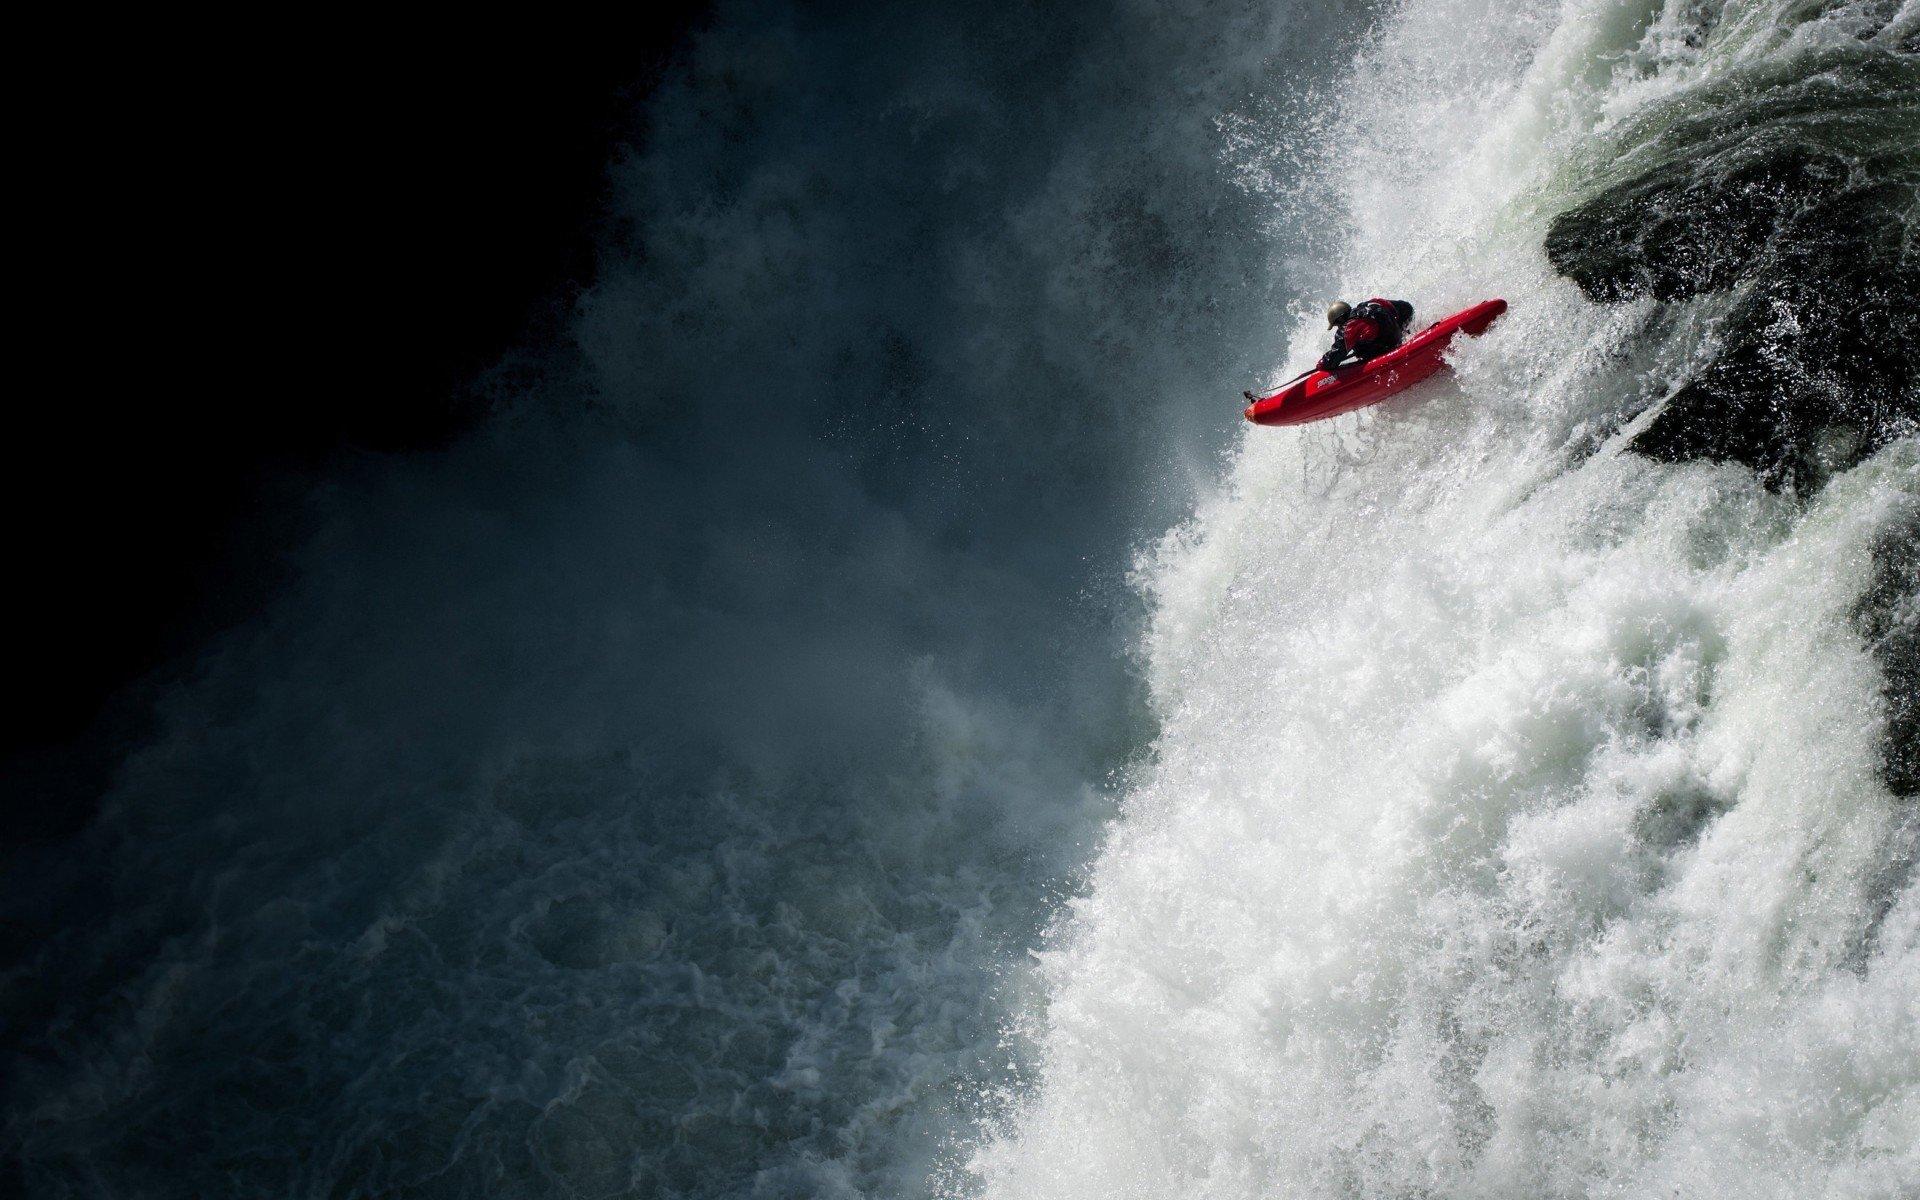 Kayak Fondo De Pantalla Hd Fondo De Escritorio 1920x1200